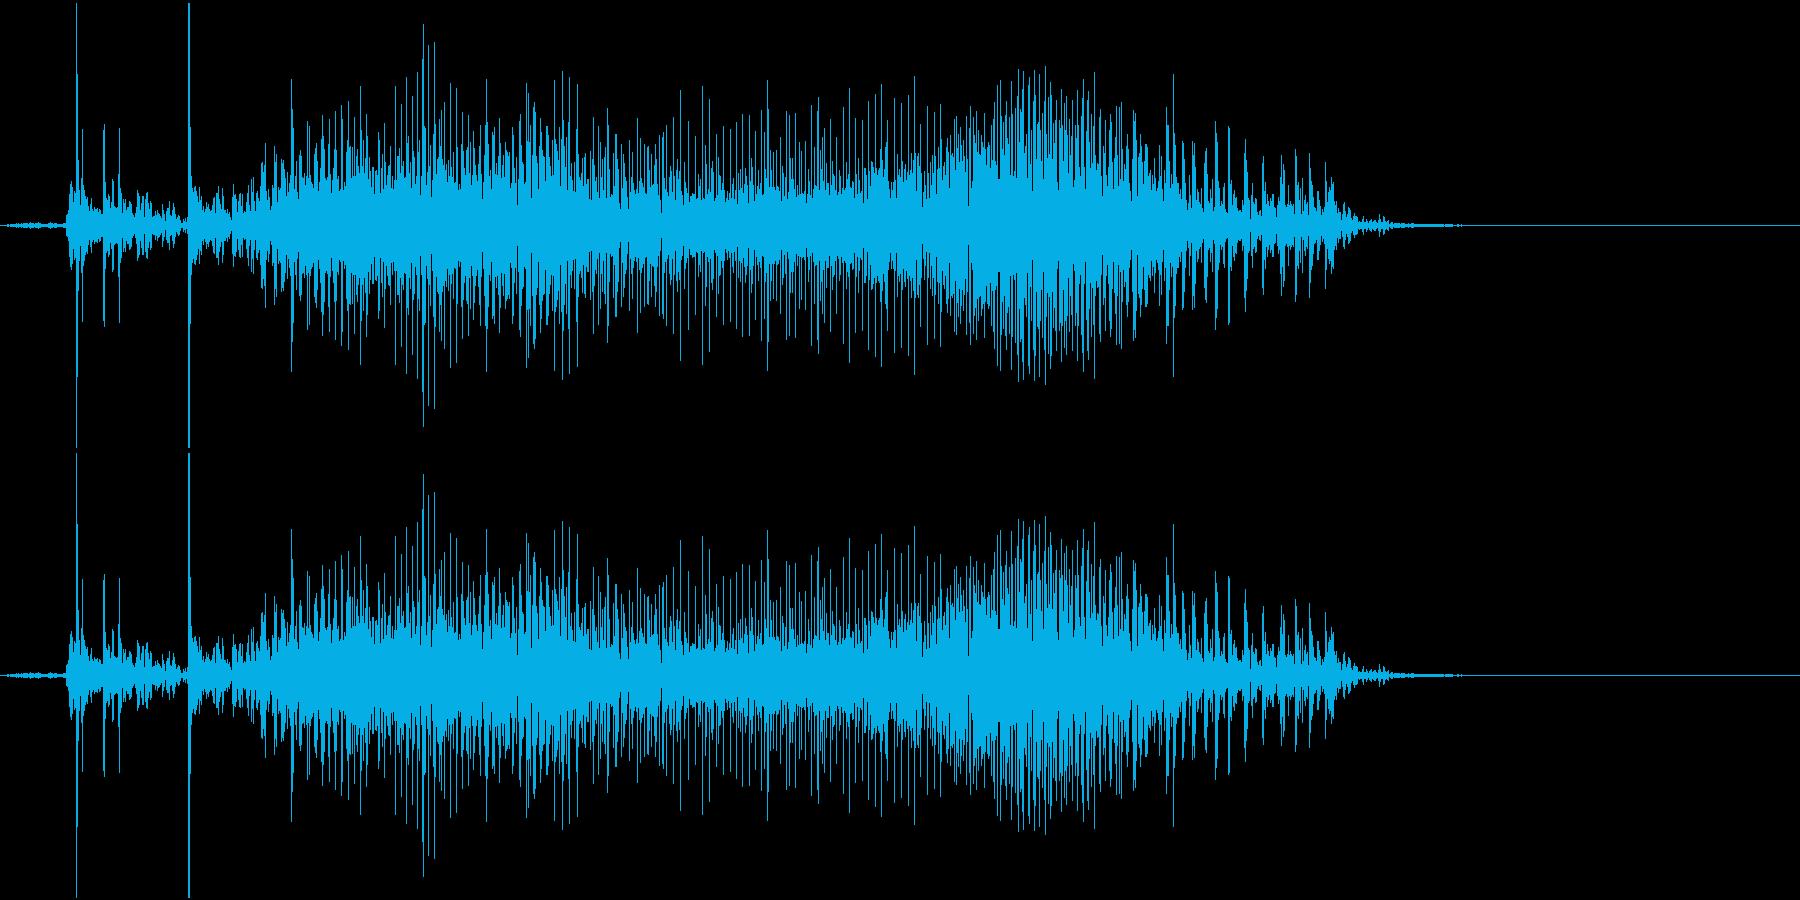 Zip ファスナーを開ける音の再生済みの波形